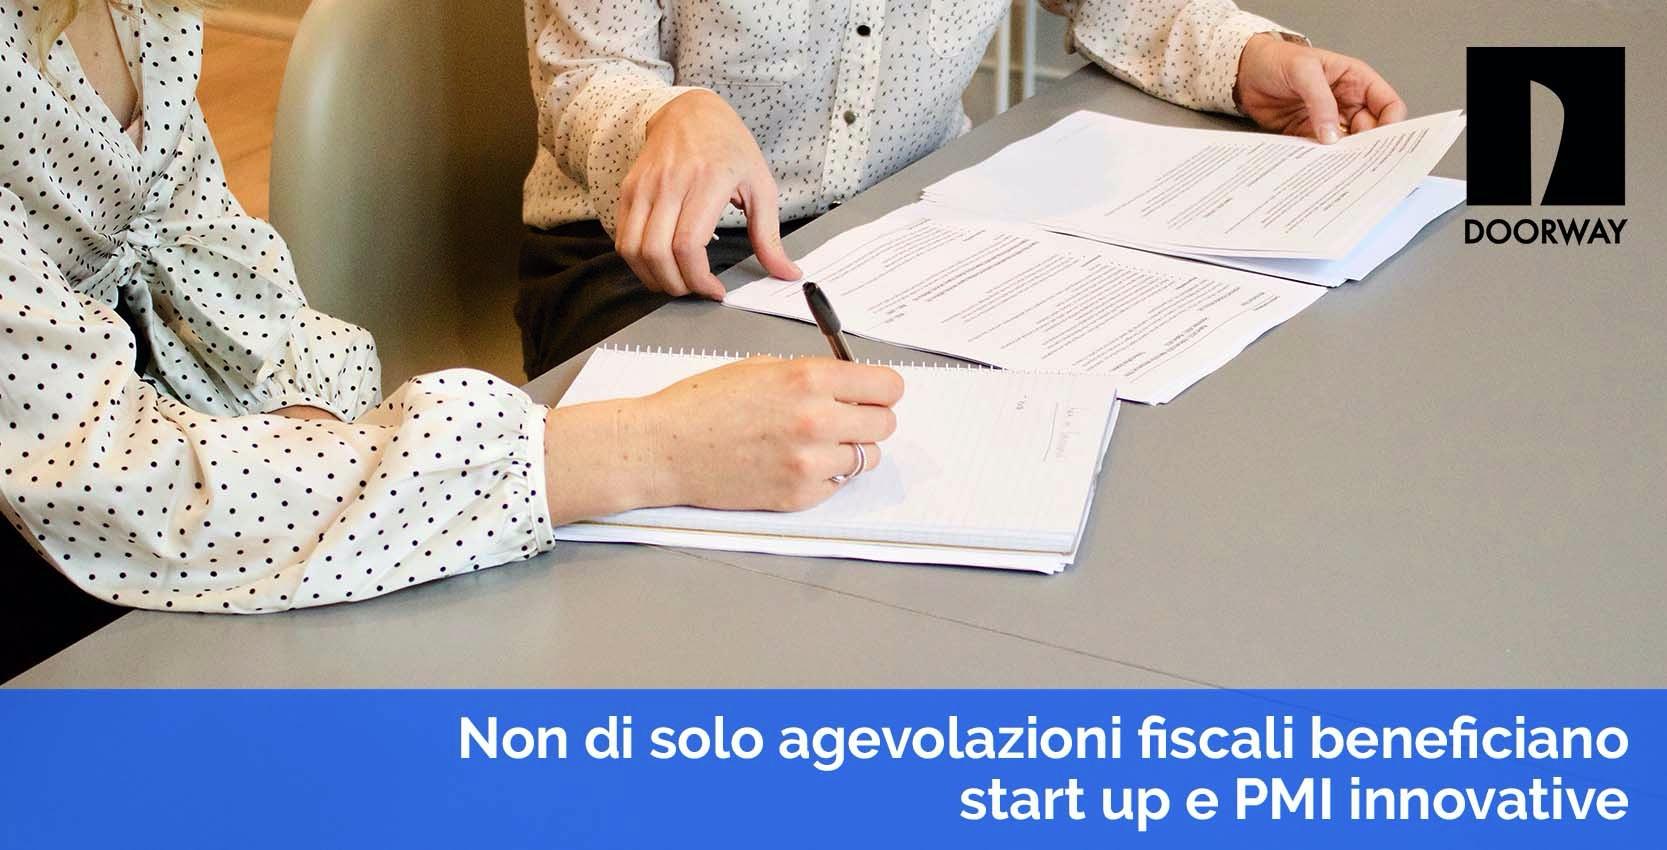 Non di solo agevolazioni fiscali beneficiano start up e PMI innovative